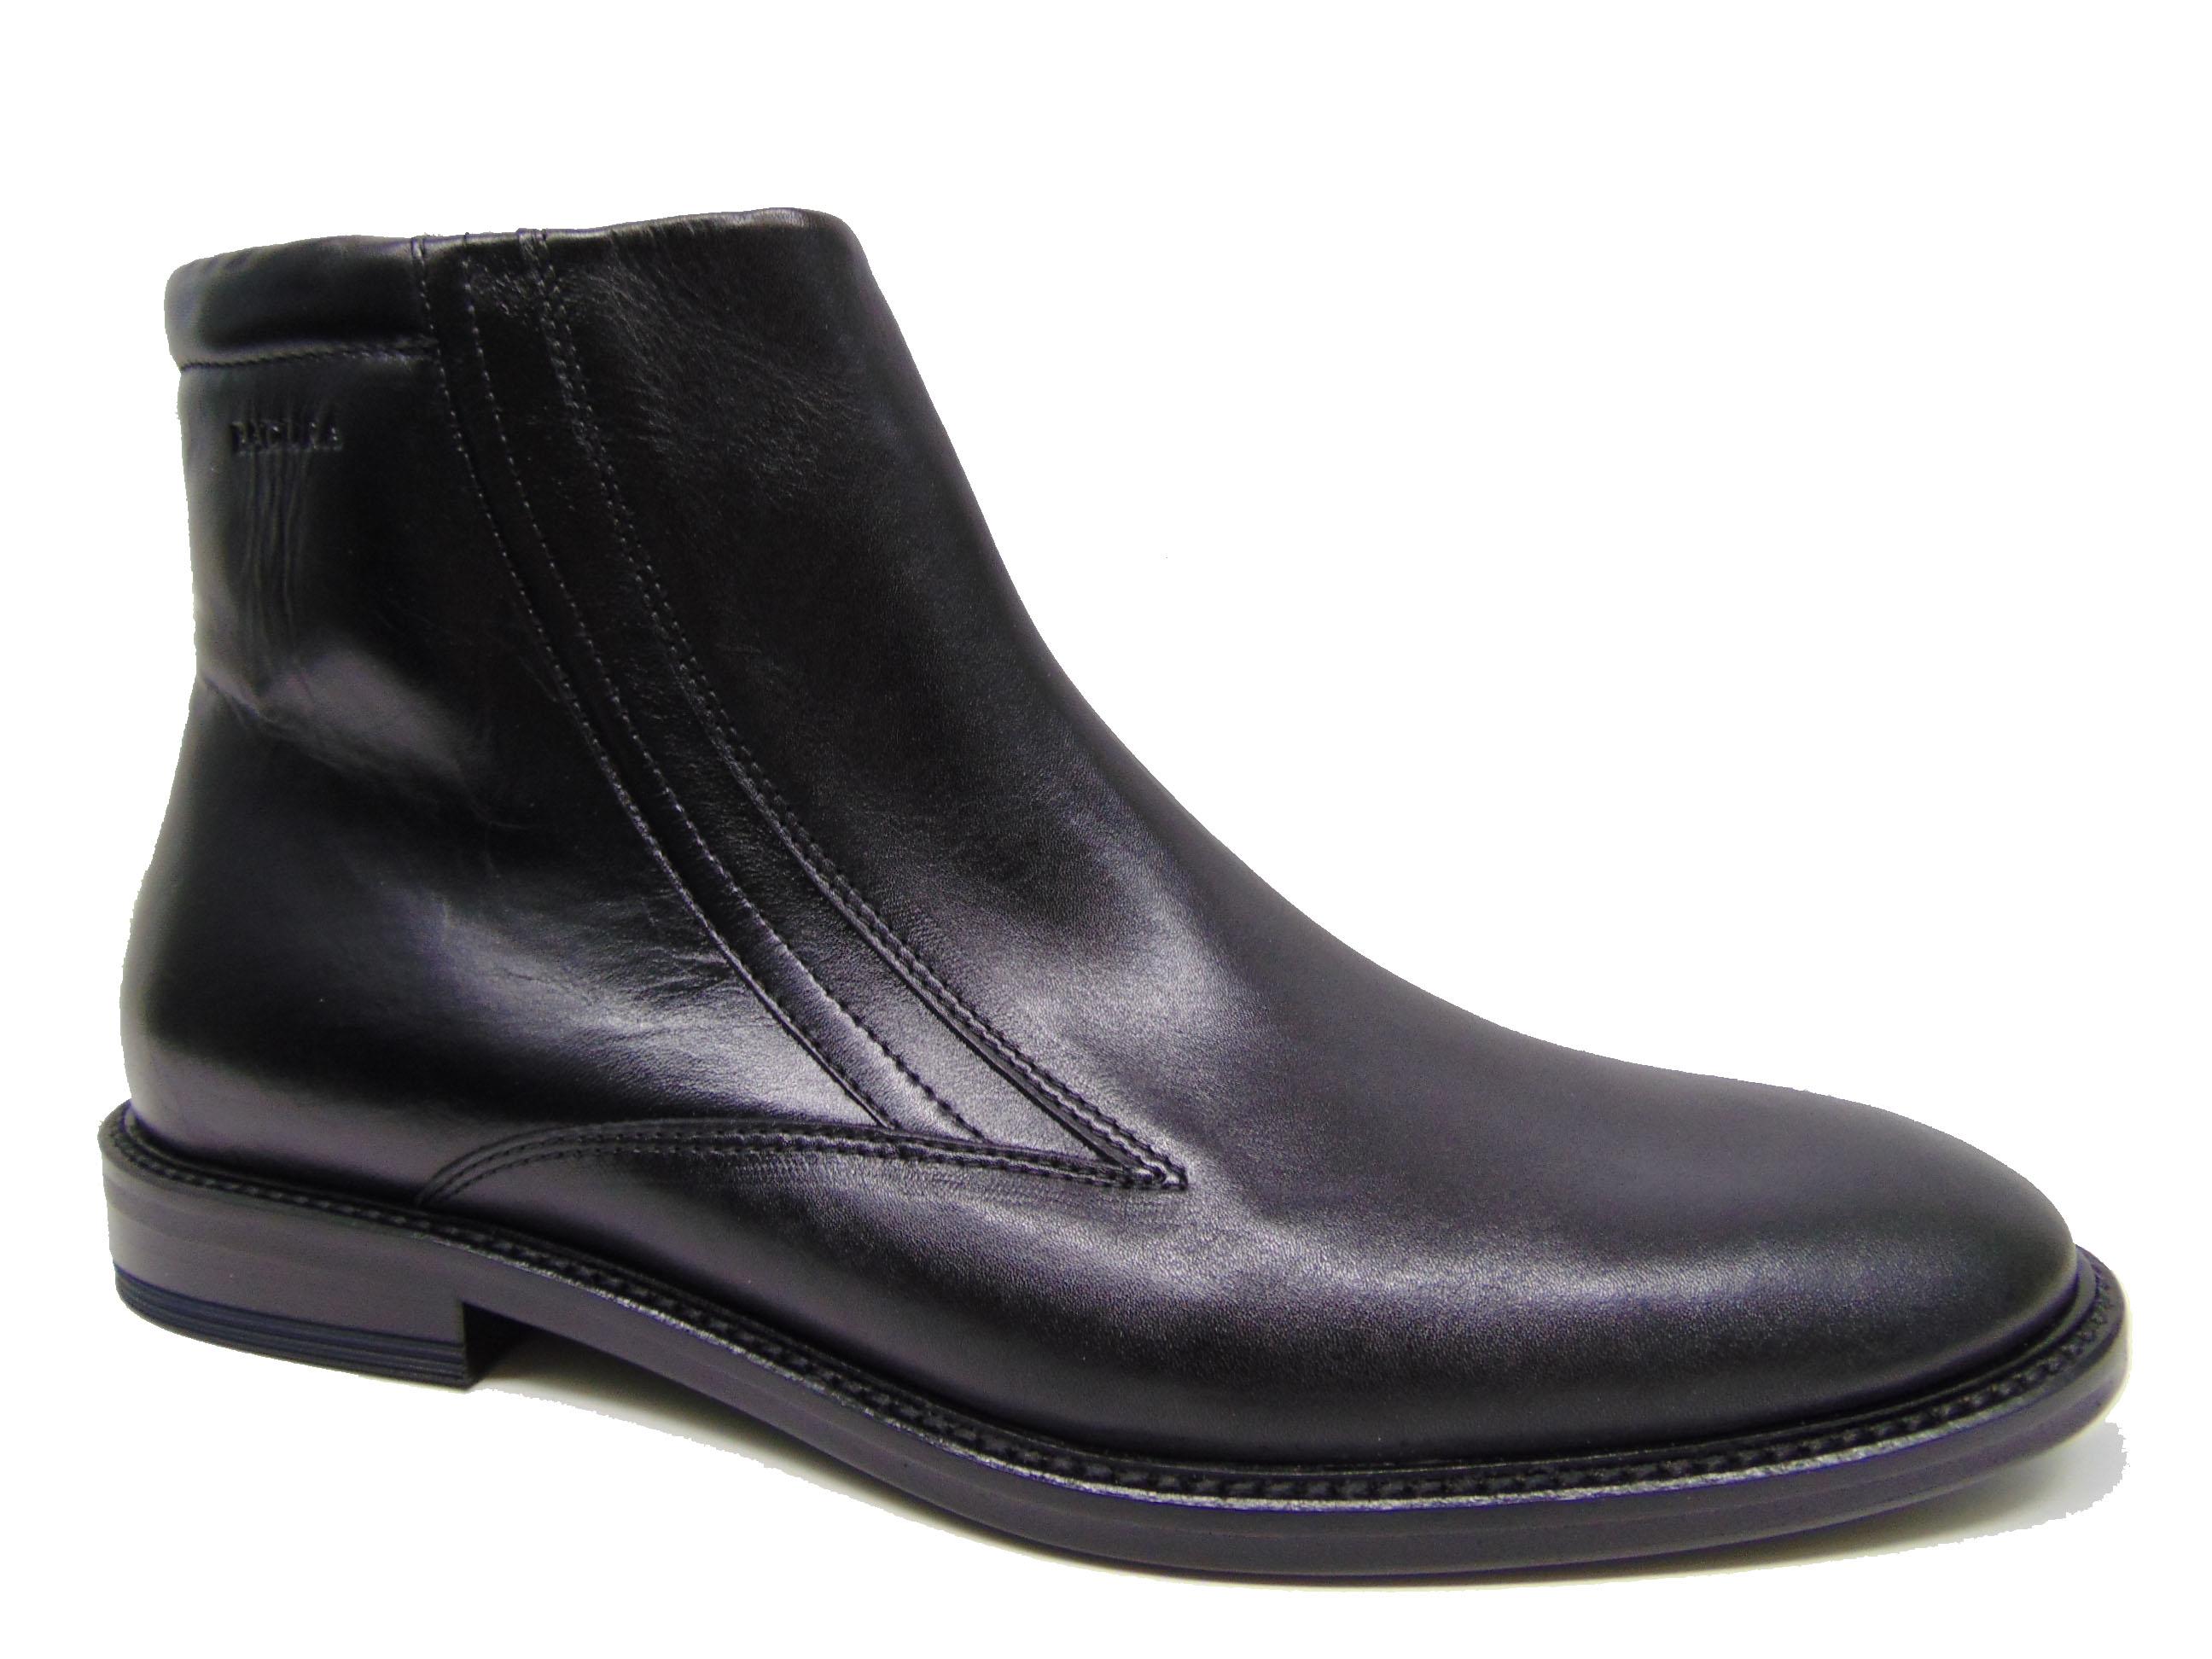 Botki męskie BADURA 5257-F czarne s. licowa